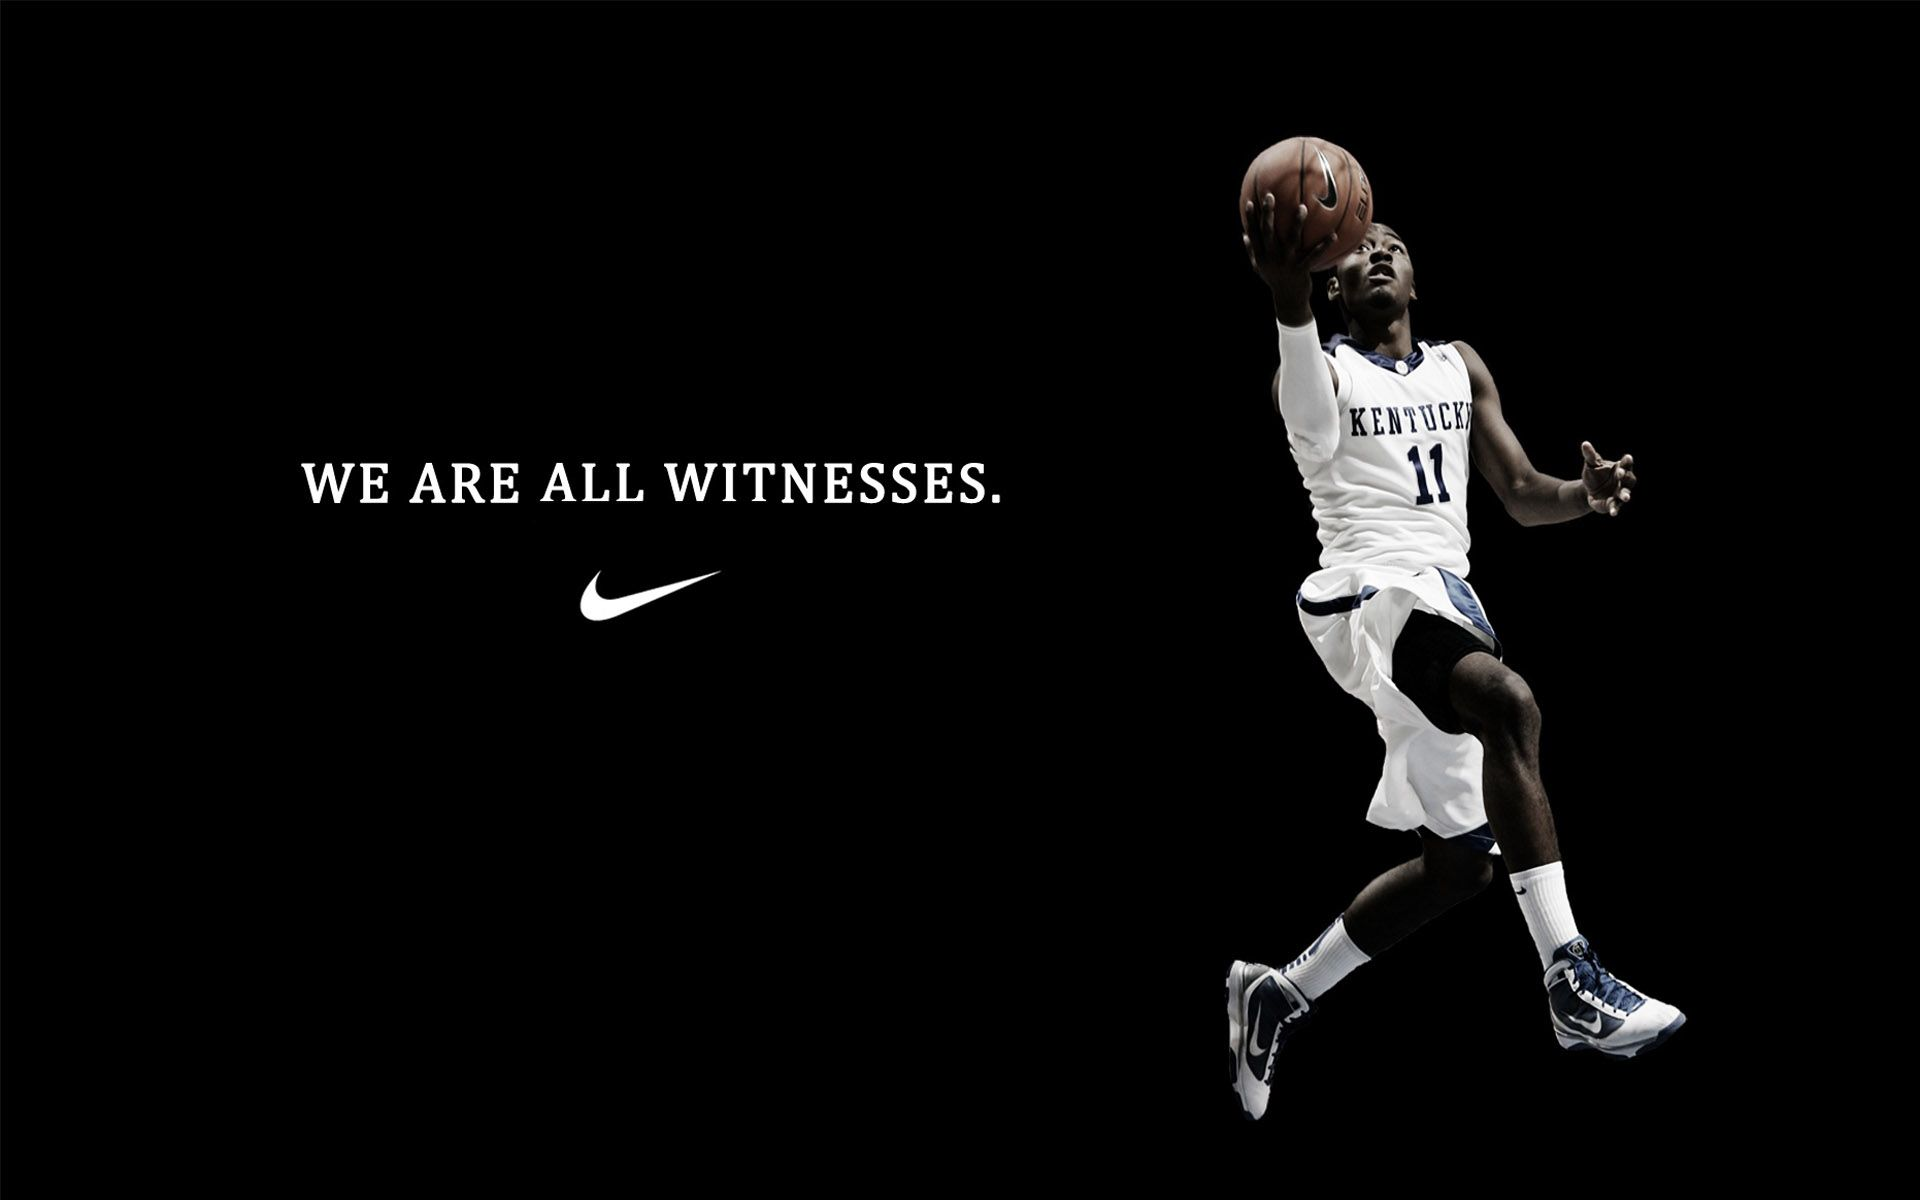 Nike Basketball Desktop Image Basketball Wallpapers Hd Basketball Wallpaper Sports Wallpapers